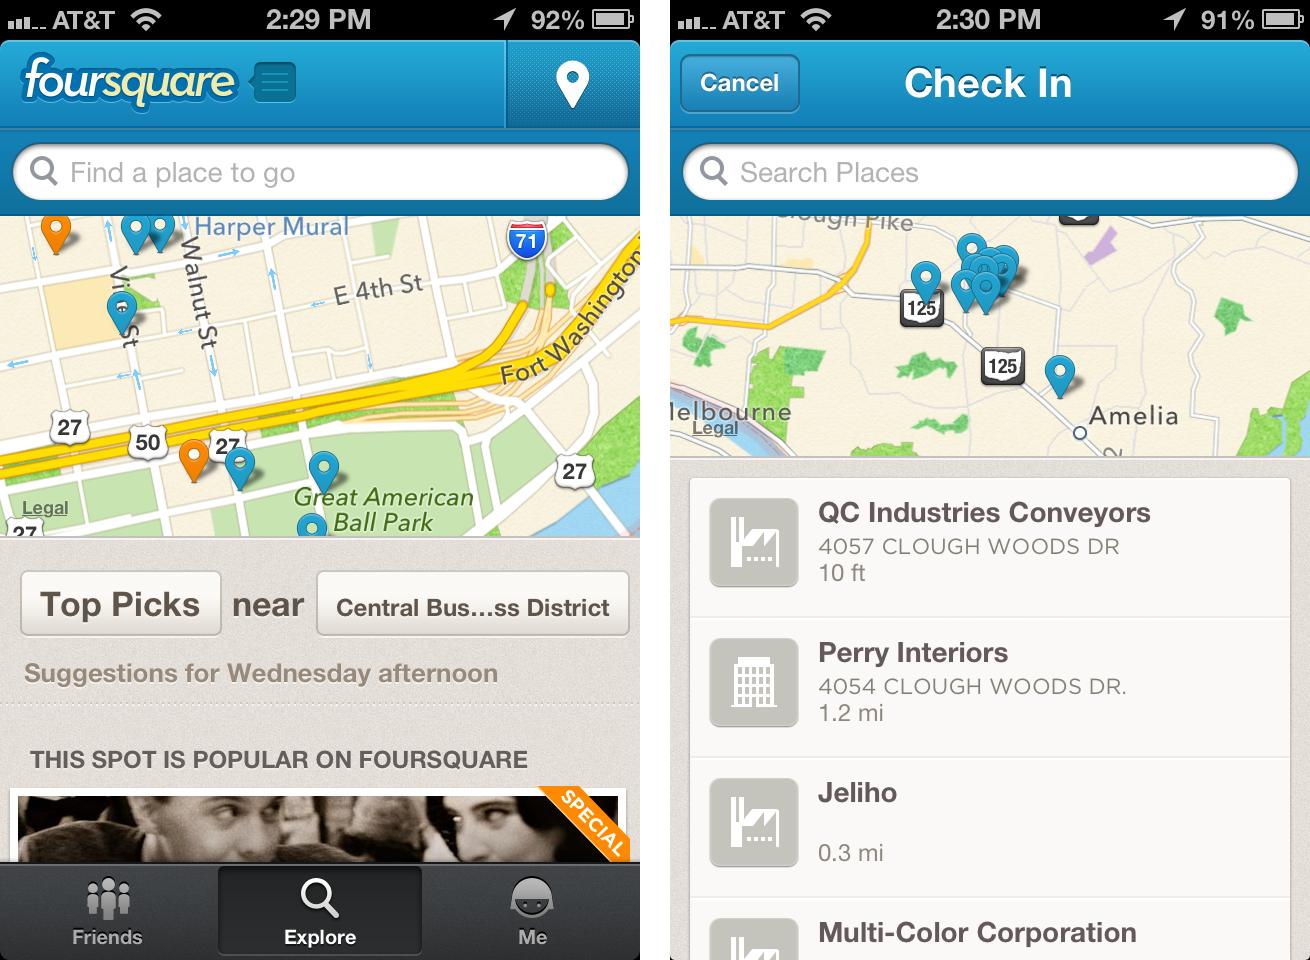 Αλλαγή CEO και νέα χρηματοδότηση για το Foursquare